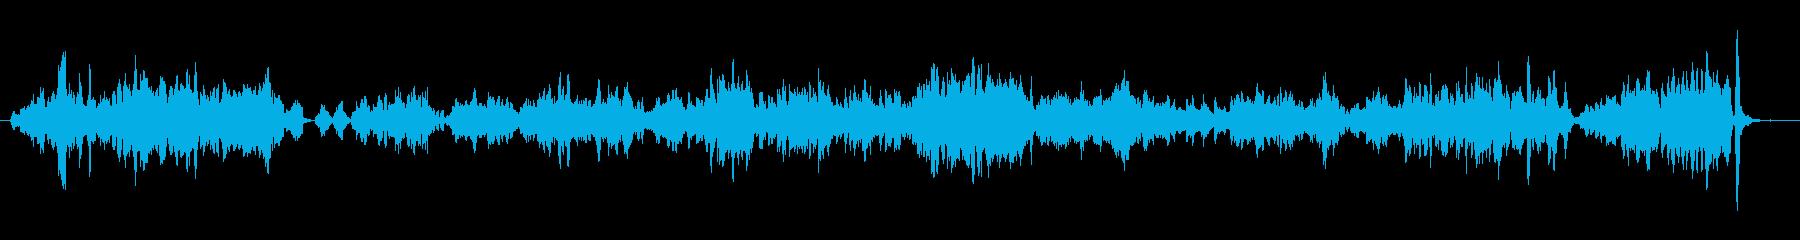 活気のある弦楽四重奏団。ノスタルジ...の再生済みの波形